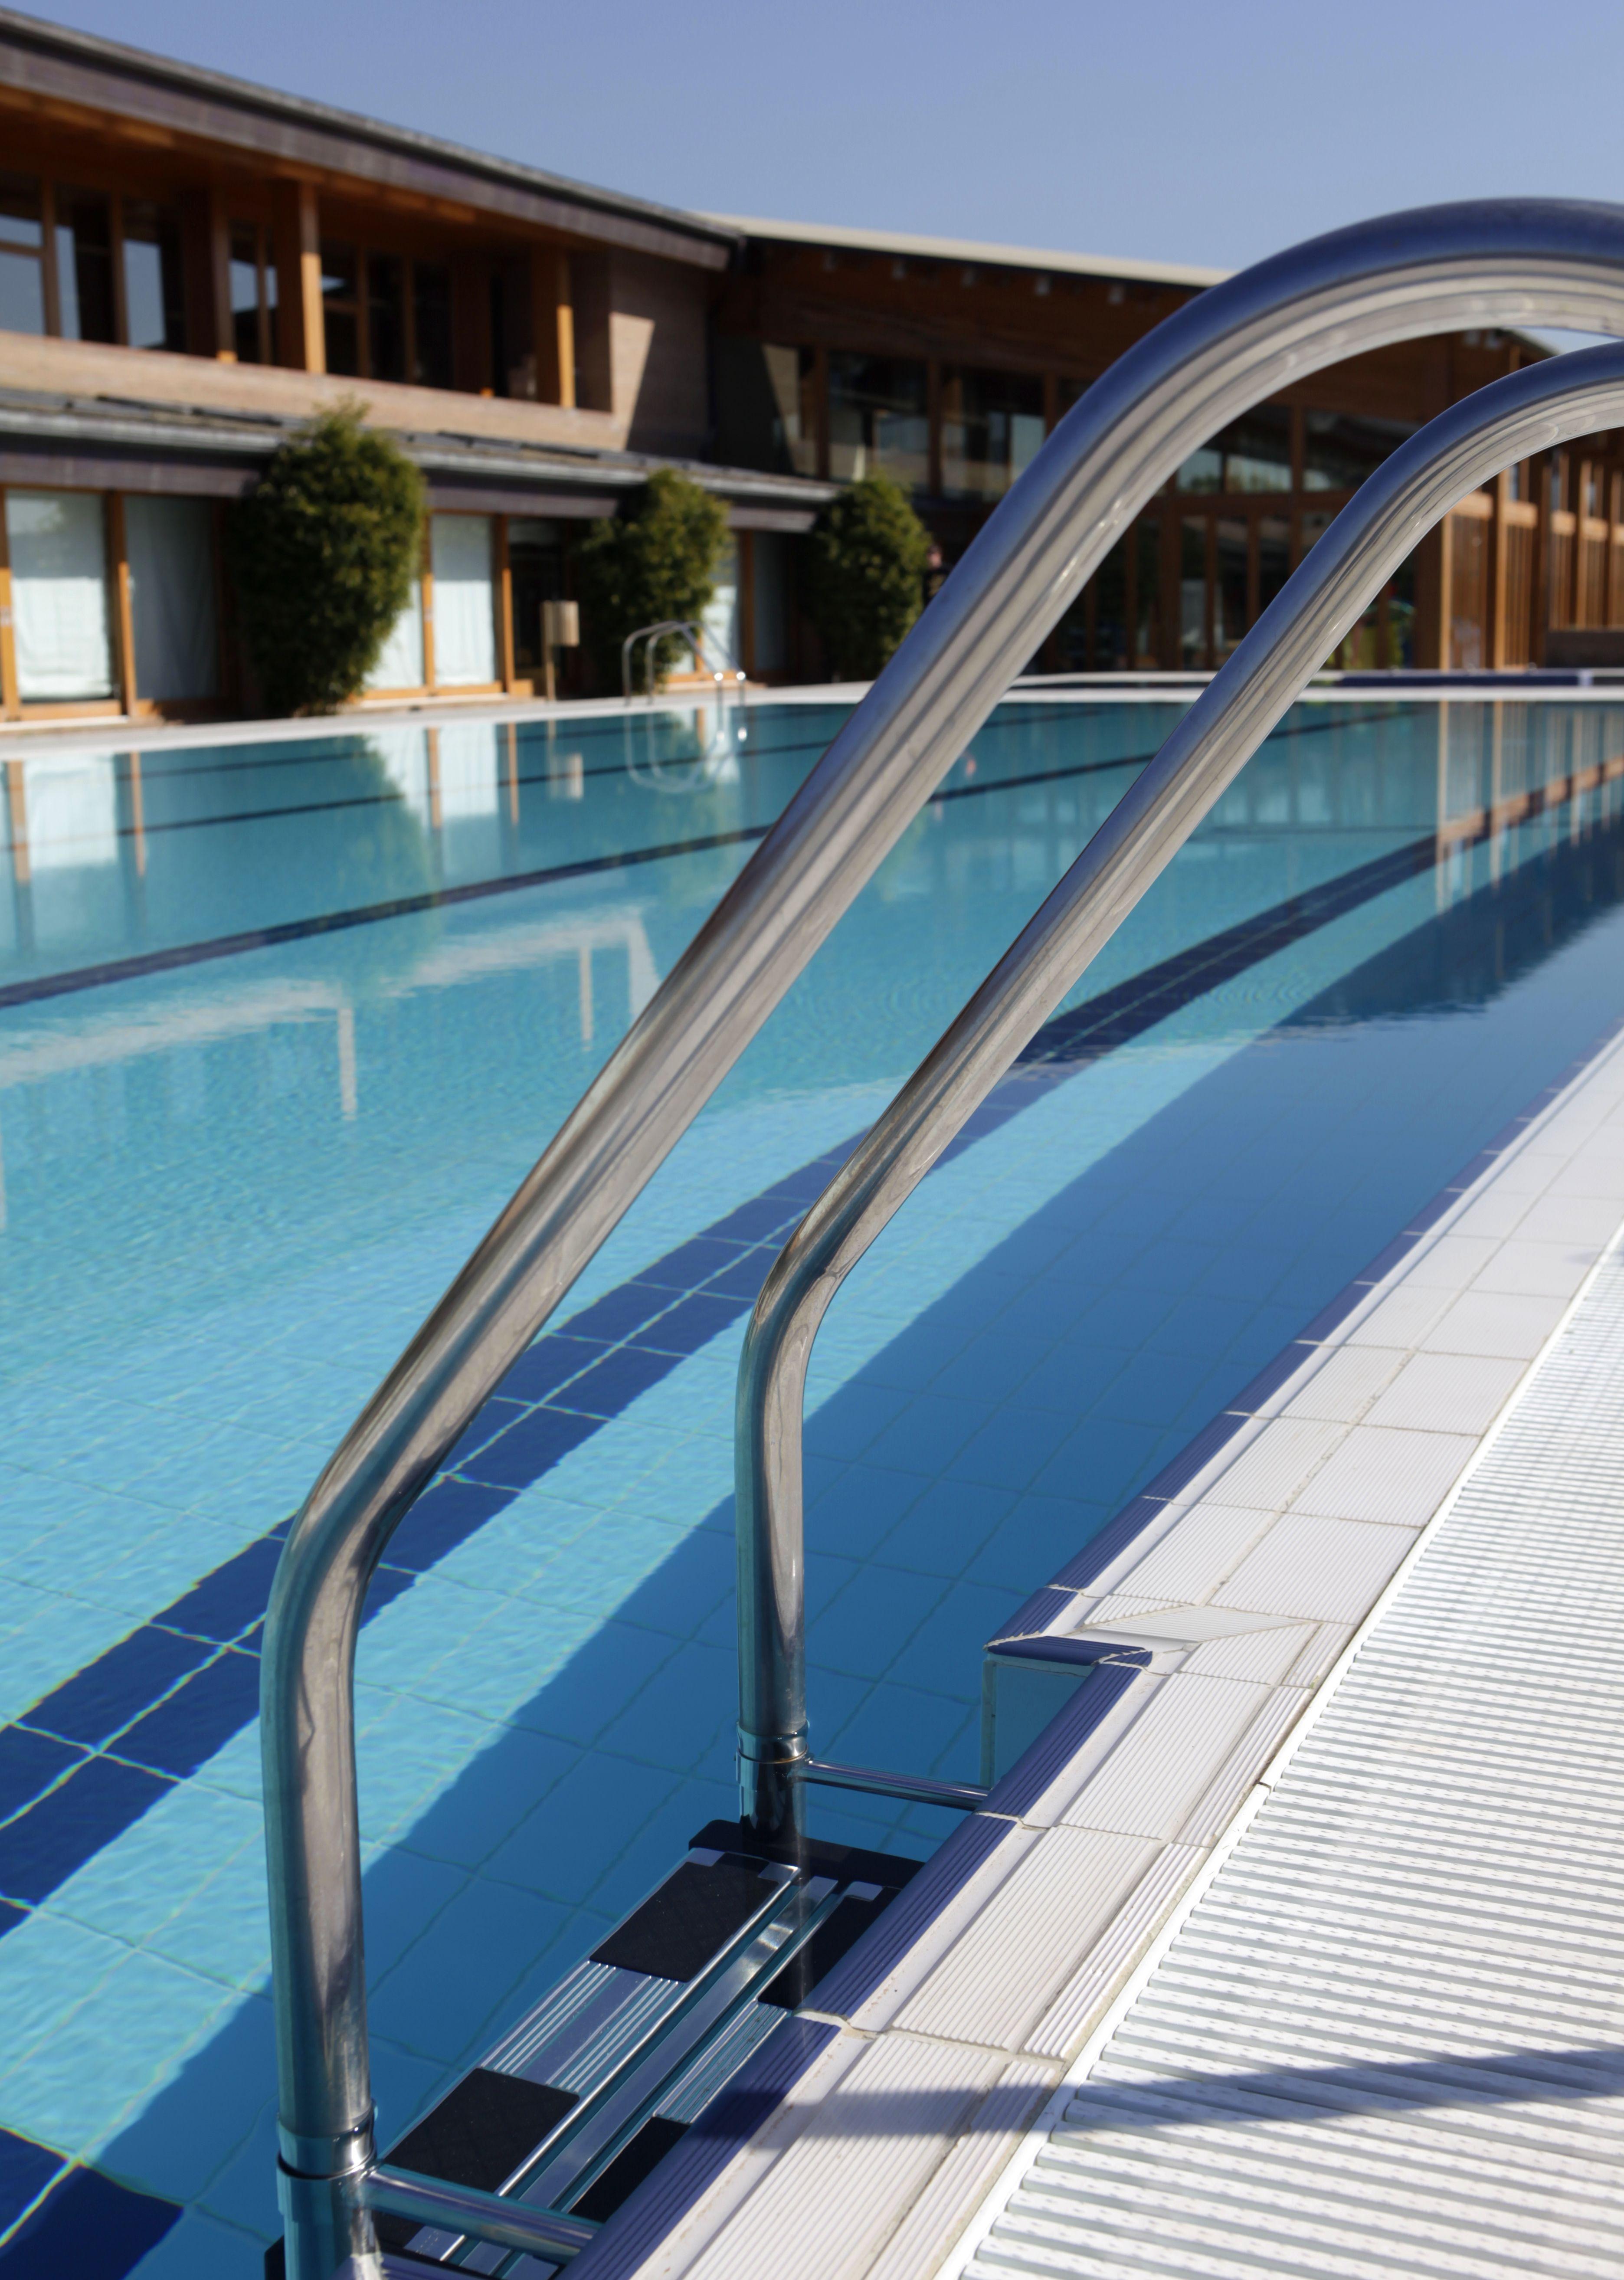 A partir del 5 de Abril, abrimos la piscina exterior de RSC La Finca - @RBKSportsClub